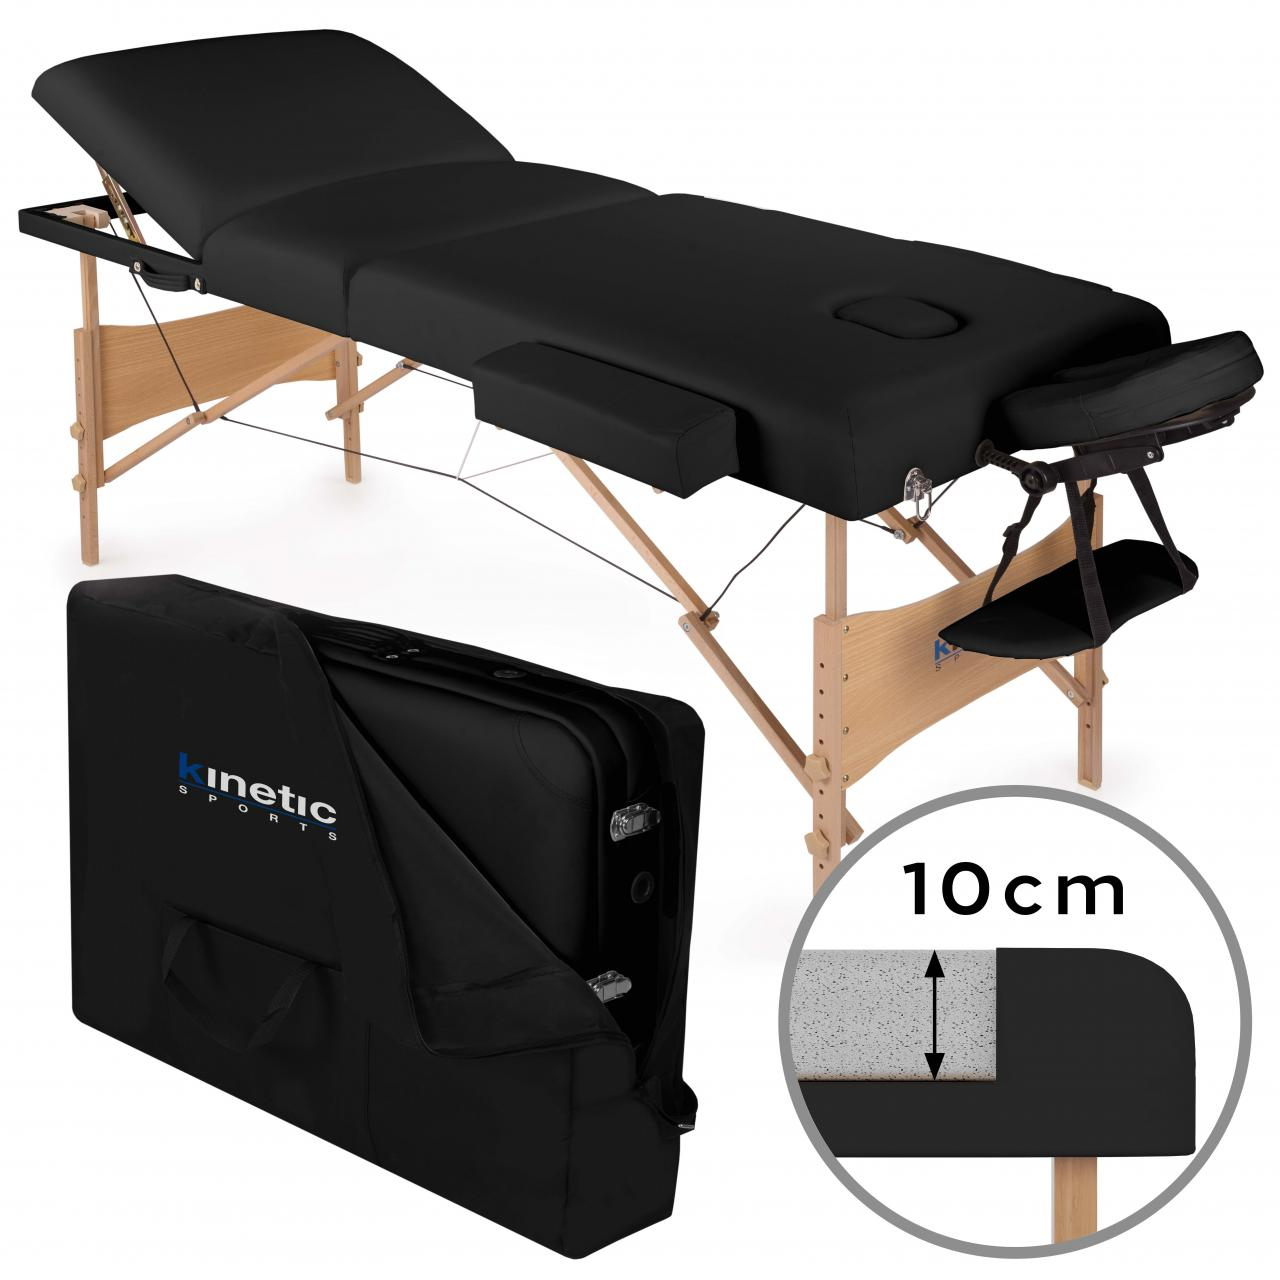 Table lit banc de massage cosmetique pliante 3 zones couleurs diver coffre inclu ebay - Table de massage pliante ebay ...